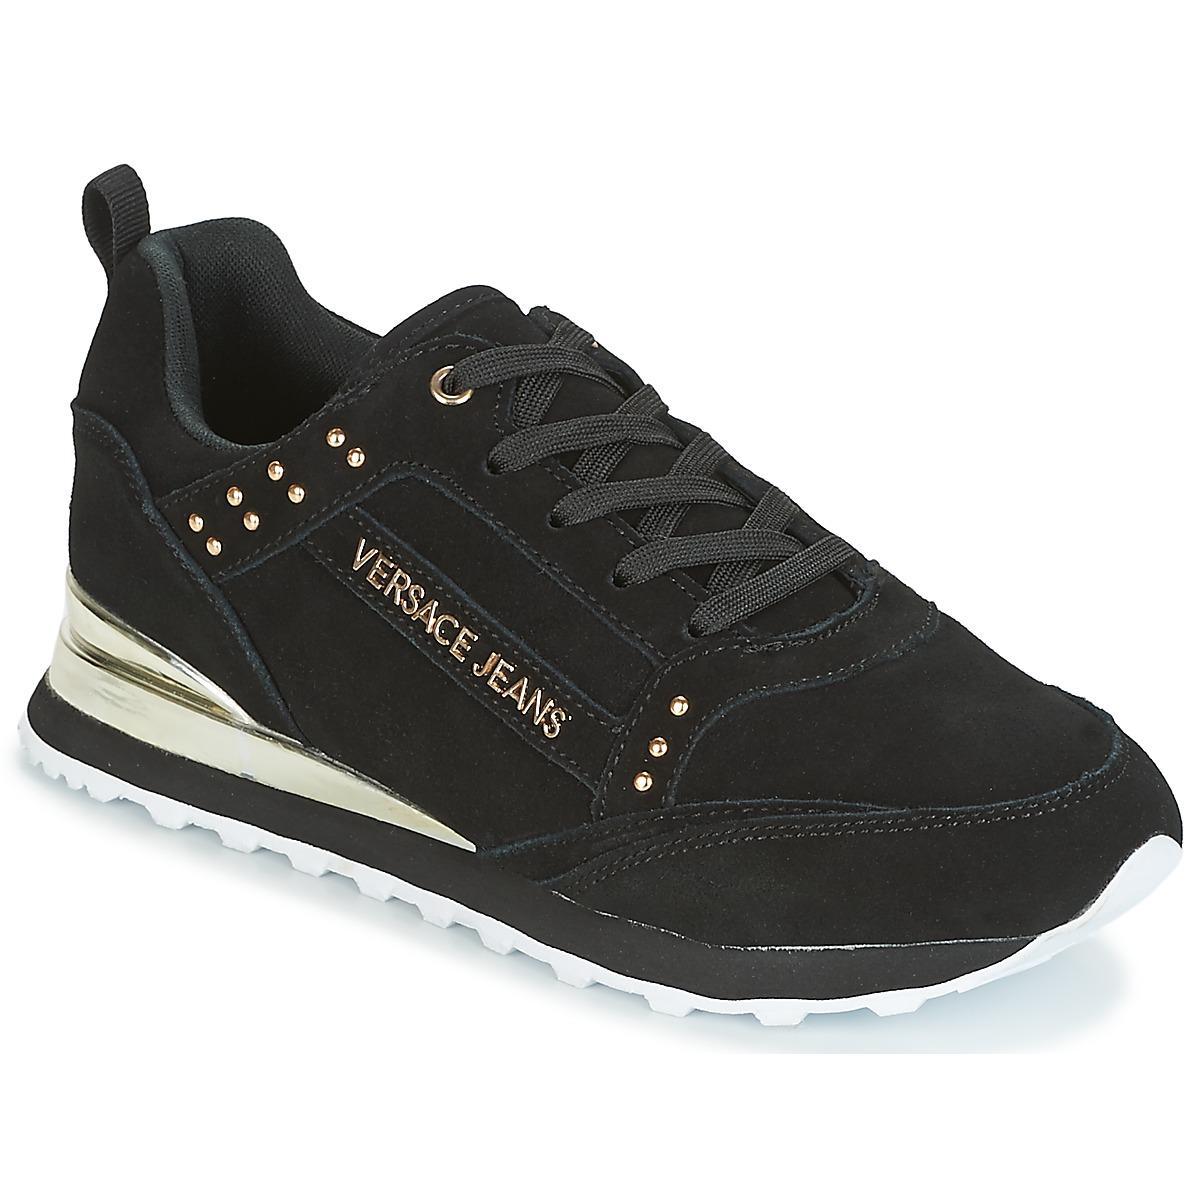 Lyst - AMBER VRBSD2 femmes Chaussures en Noir Versace Jeans en ... cd9883dd22d